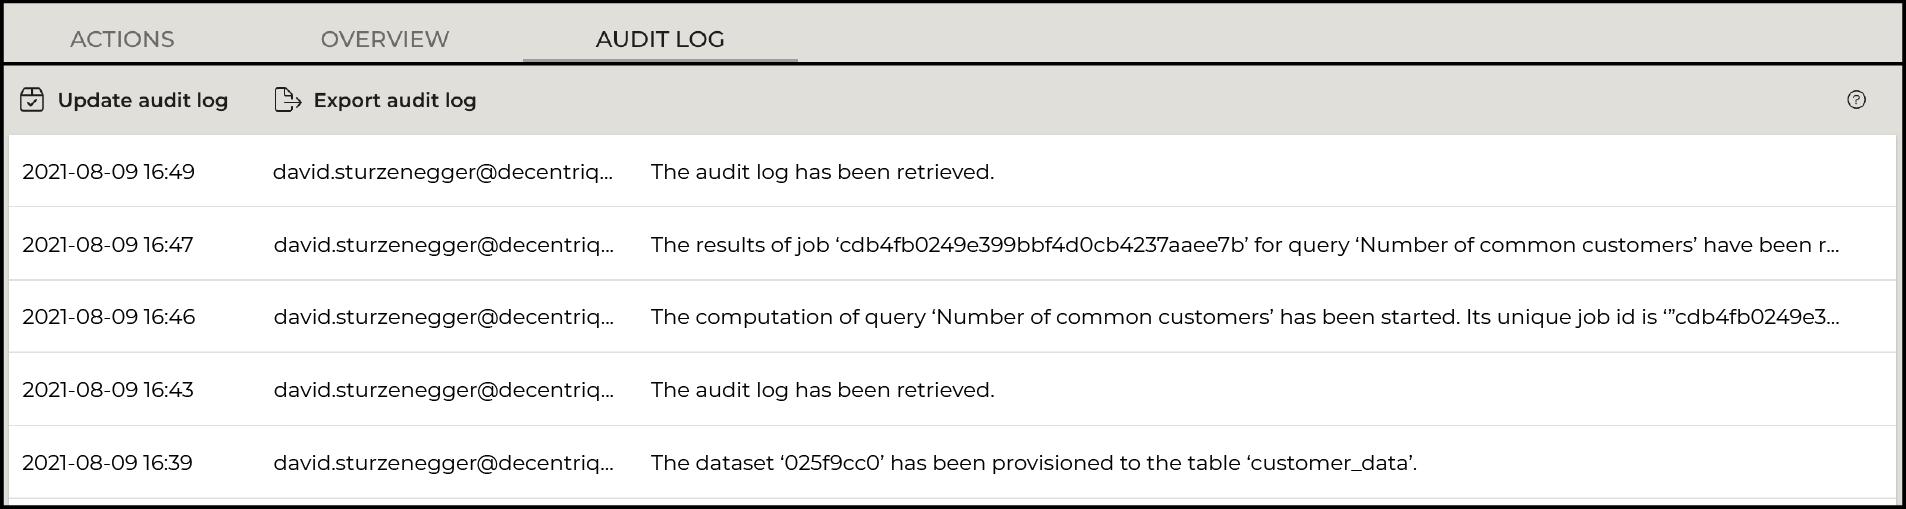 Improved audit log